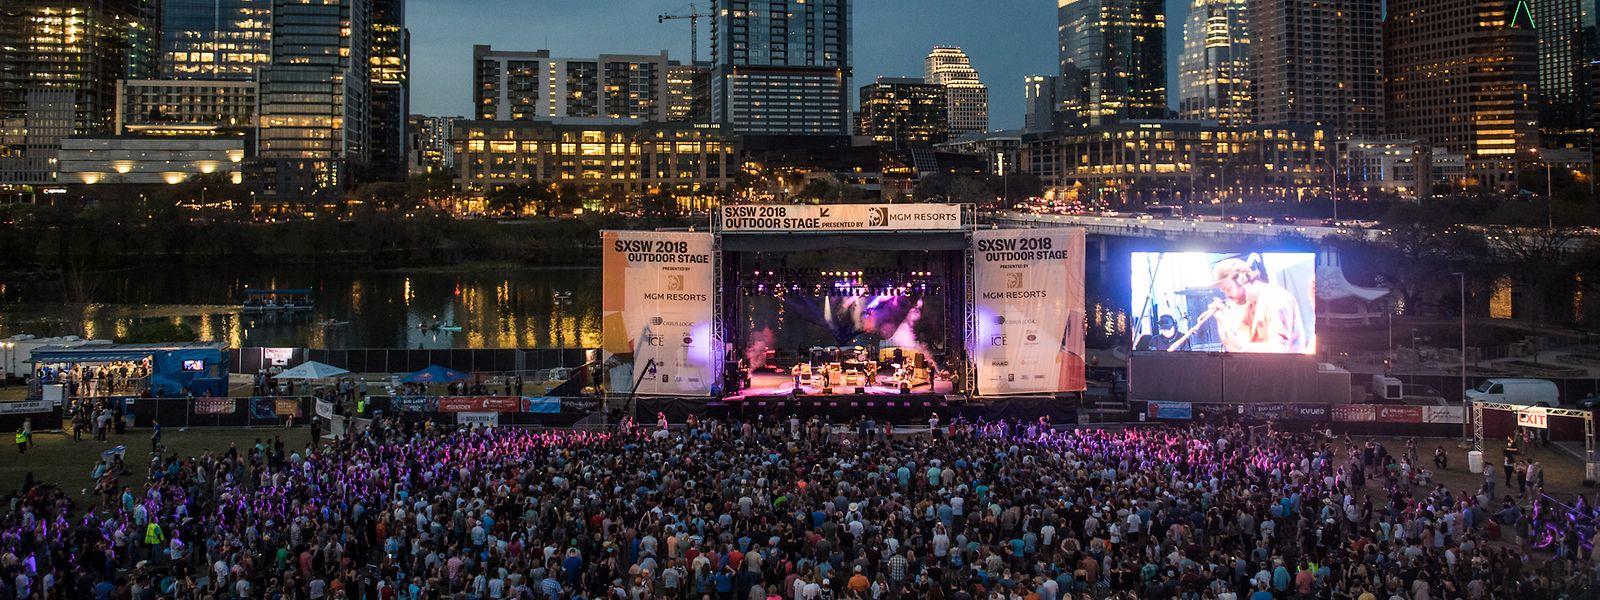 Das South by Southwest (SXSW) ist ein großes Festival inAustin - das auch jede Menge Live-Musik bietet.